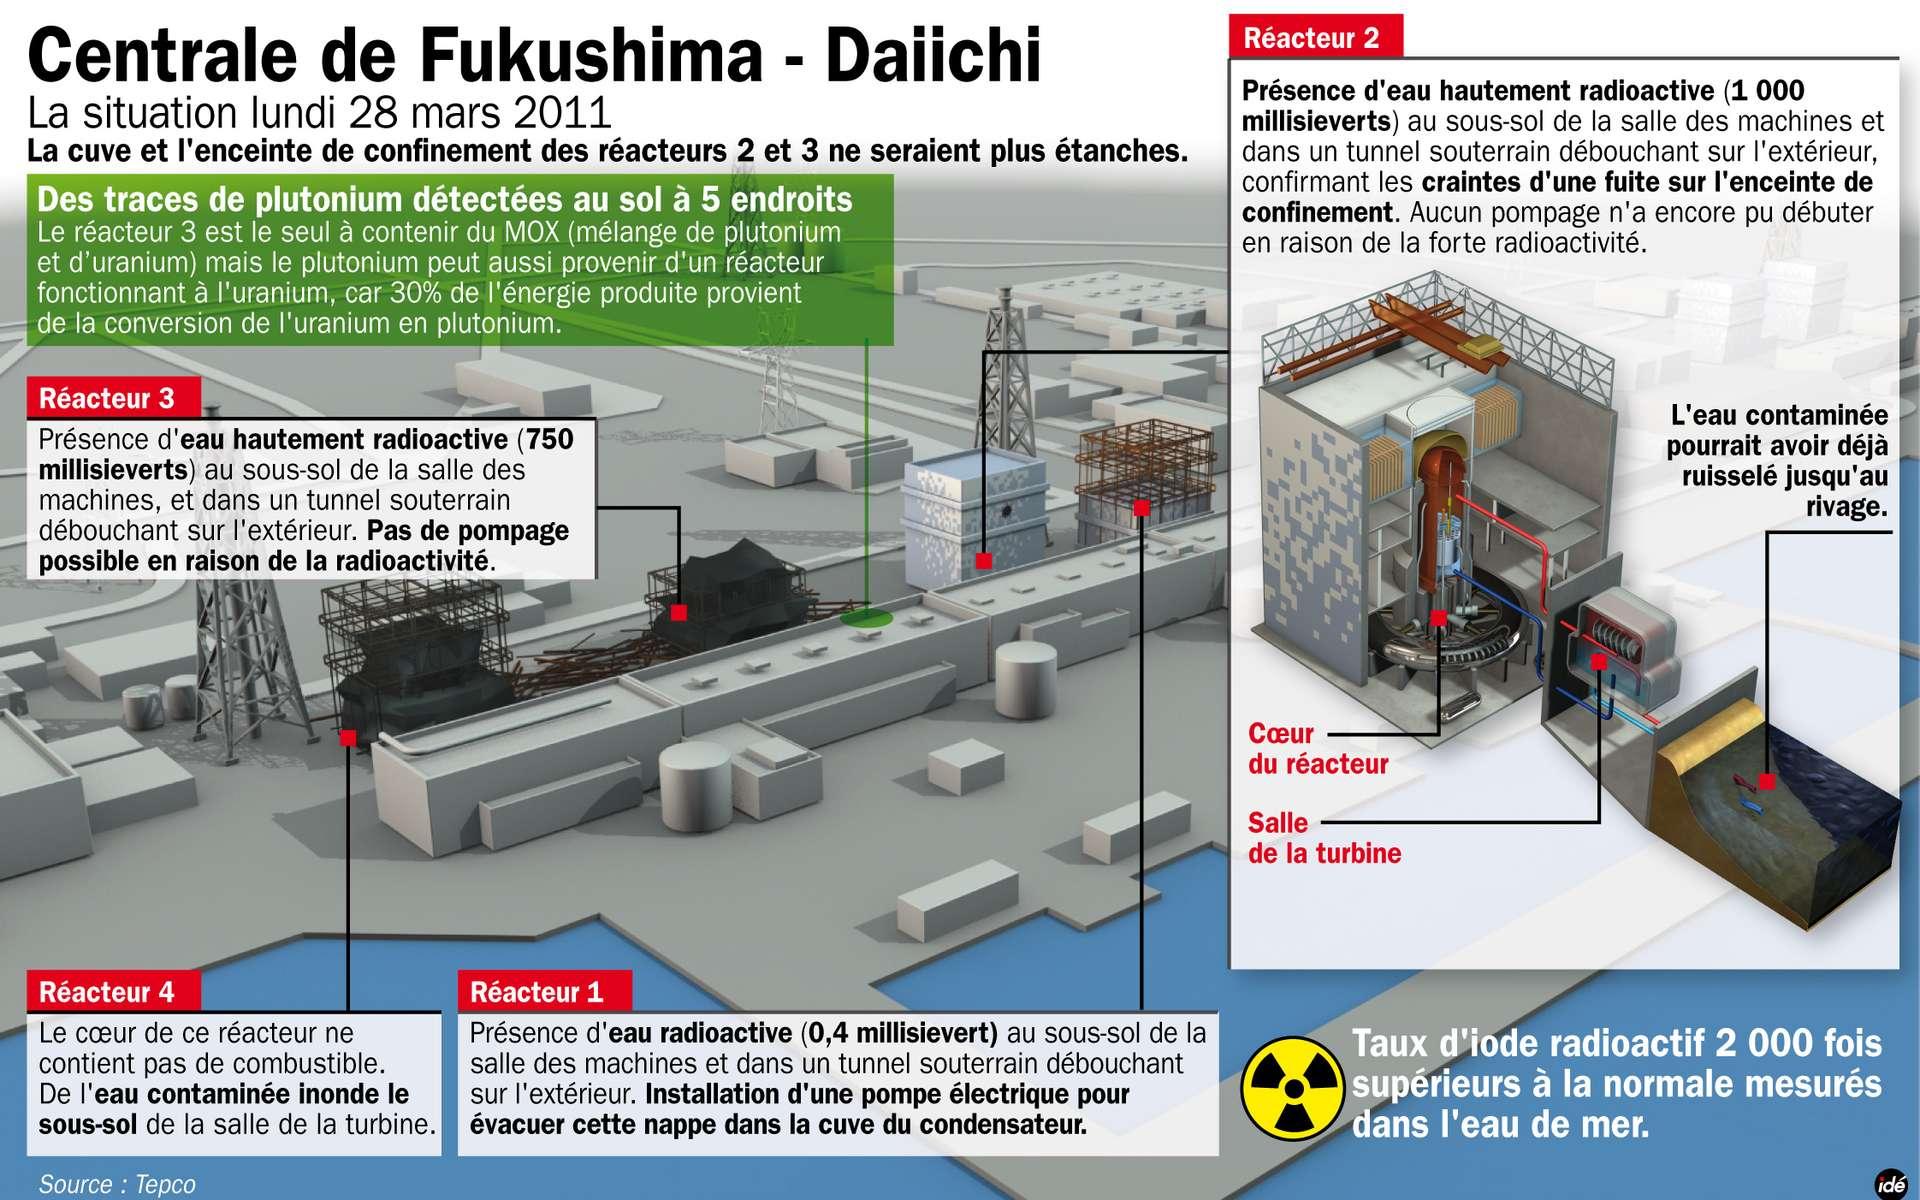 De l'eau très radioactive inonde désormais les réacteurs, surtout les 2 et 3, avec respectivement, 750 et 1.000 millisieverts par heure. On la trouve en sous-sol, au niveau où se situent les turbines. Elle doit maintenant être pompée afin d'éviter qu'elle se diffuse dans le sol ou qu'elle coule jusqu'à la mer, ce qui s'est peut-être déjà passé. © Idé